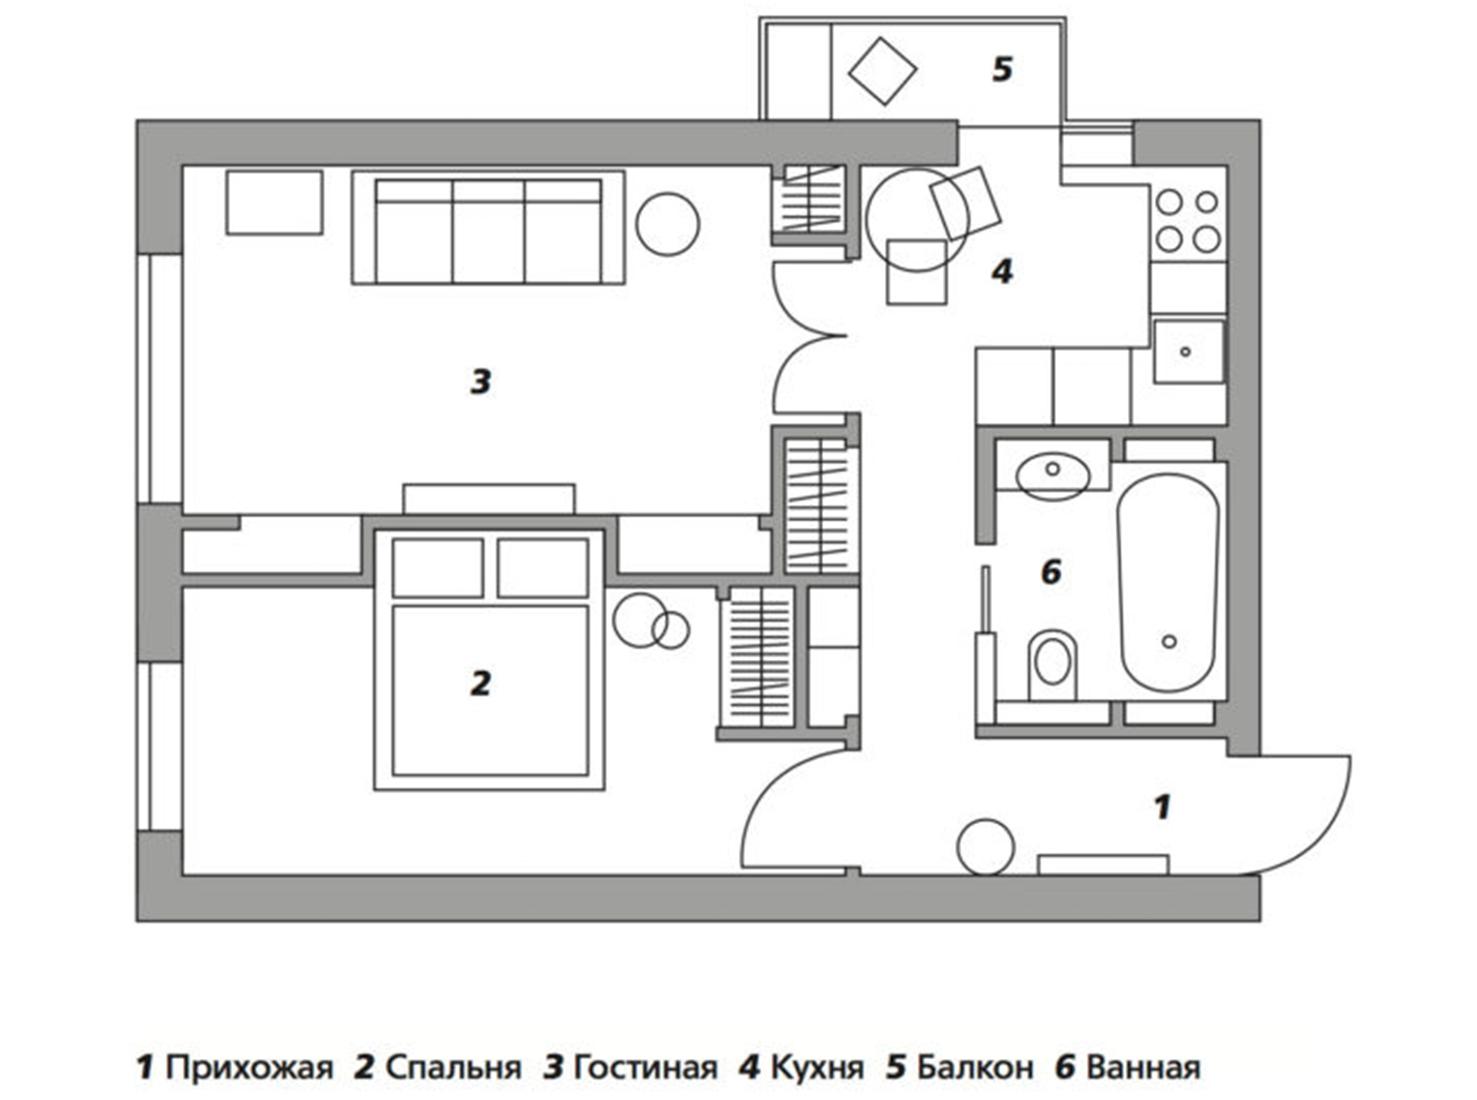 Планировка маленькой гостиной фото